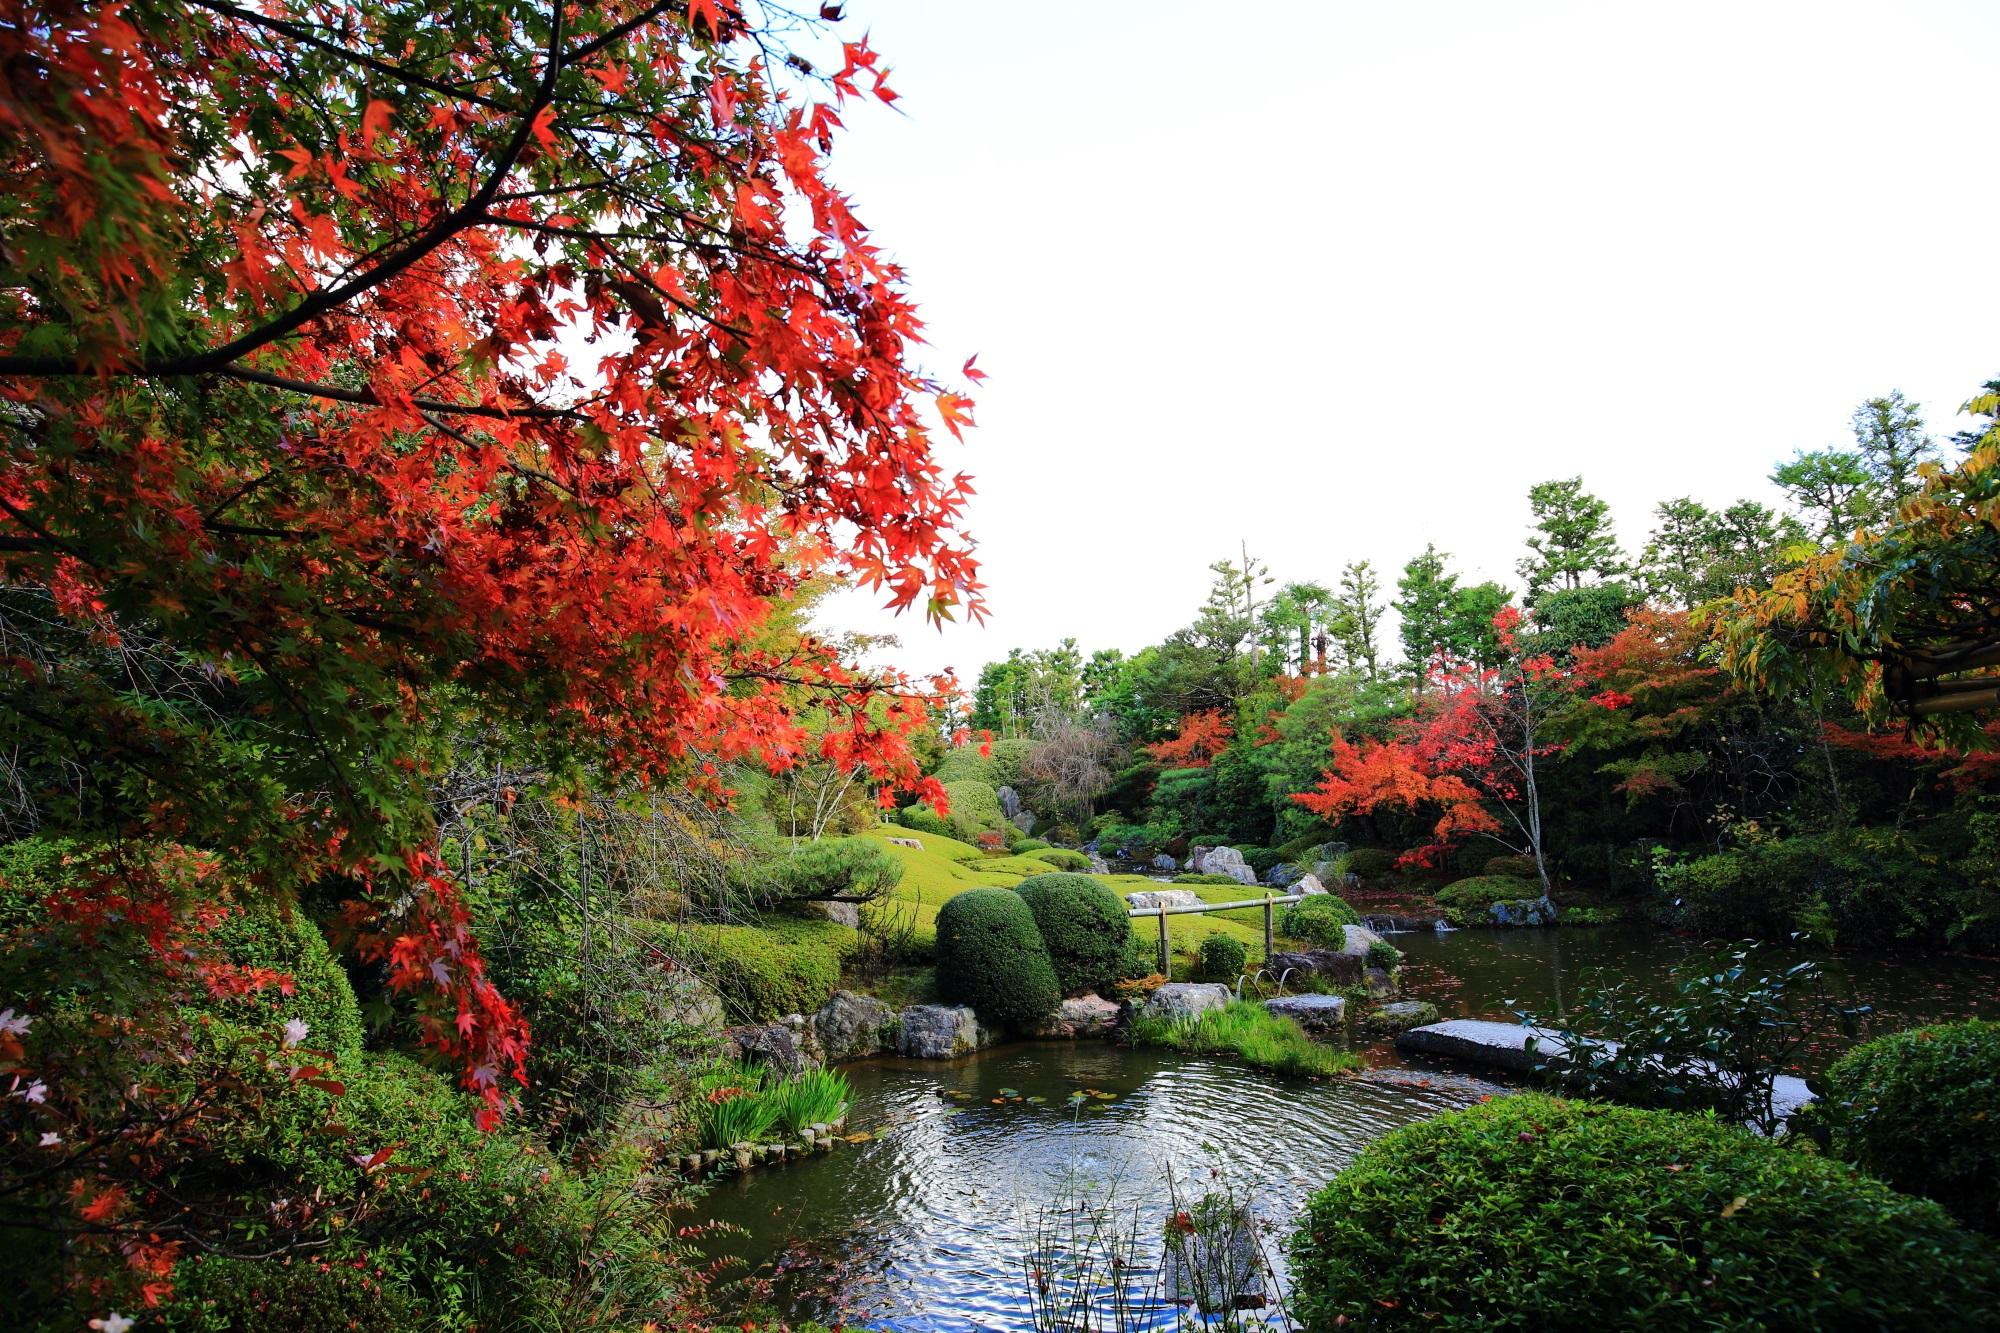 退蔵院の多様な緑を彩る華やかな赤い紅葉